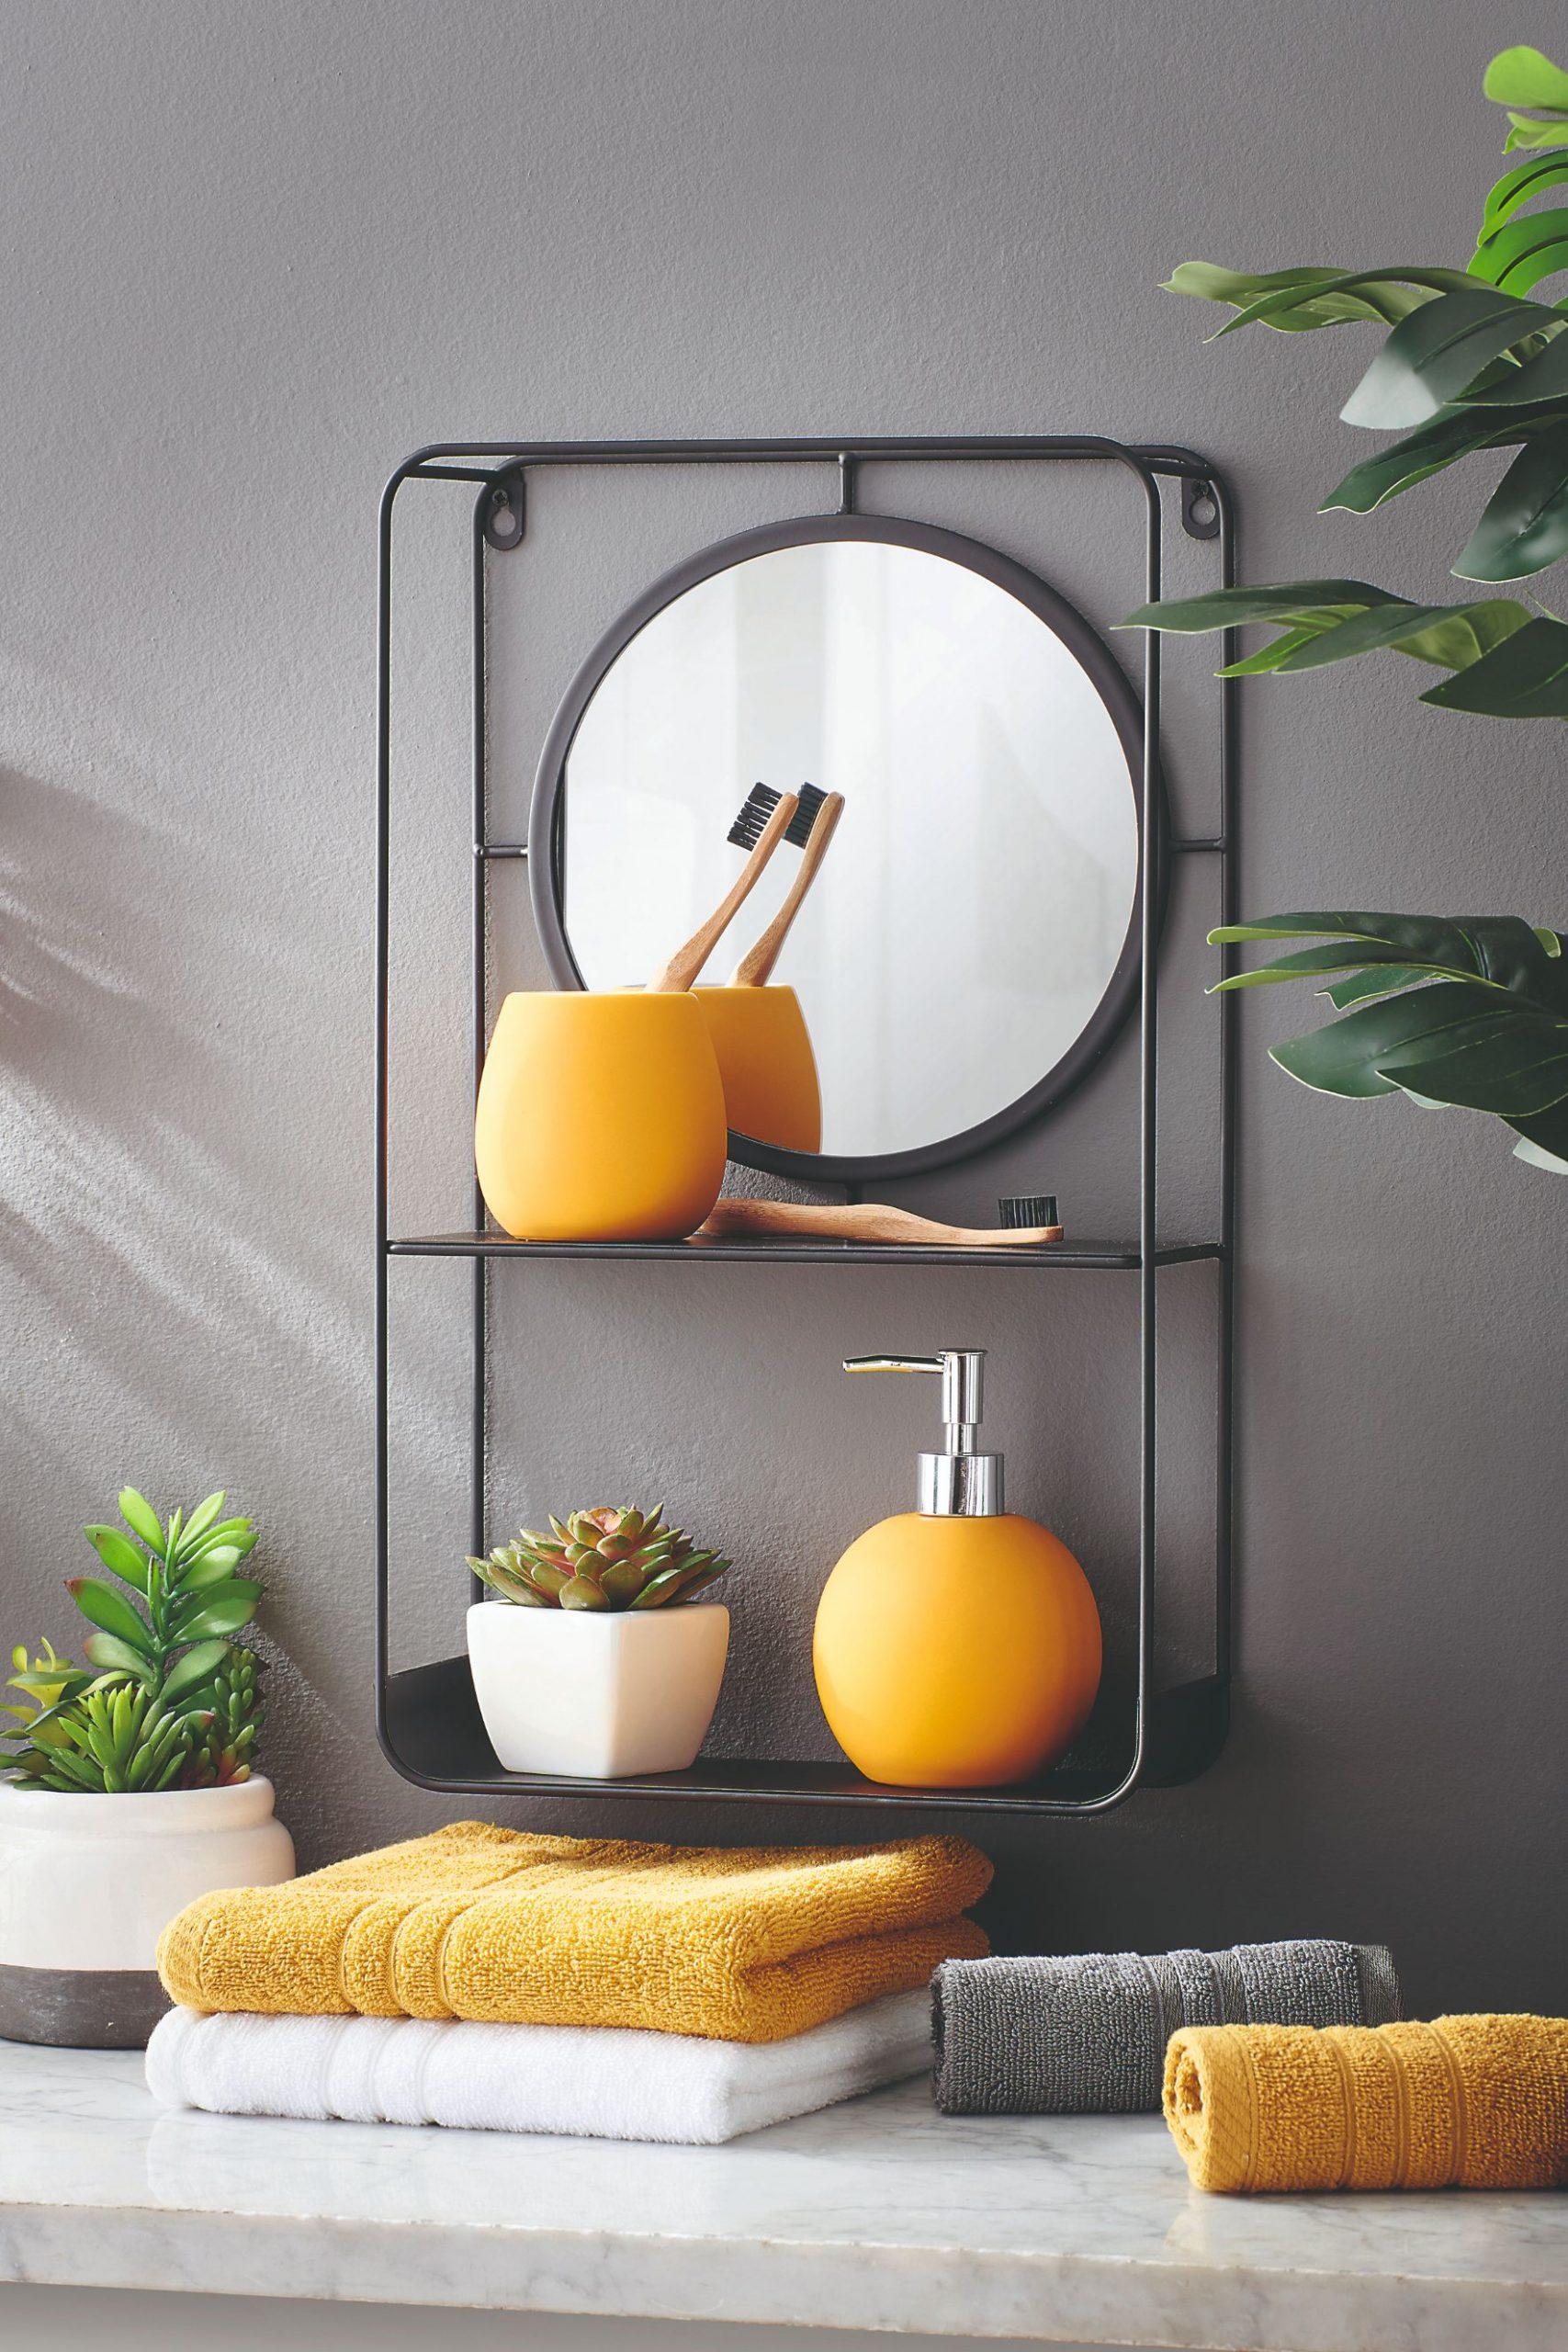 Žlté doplnky v kúpeľni s okrúhlym zrkadlom